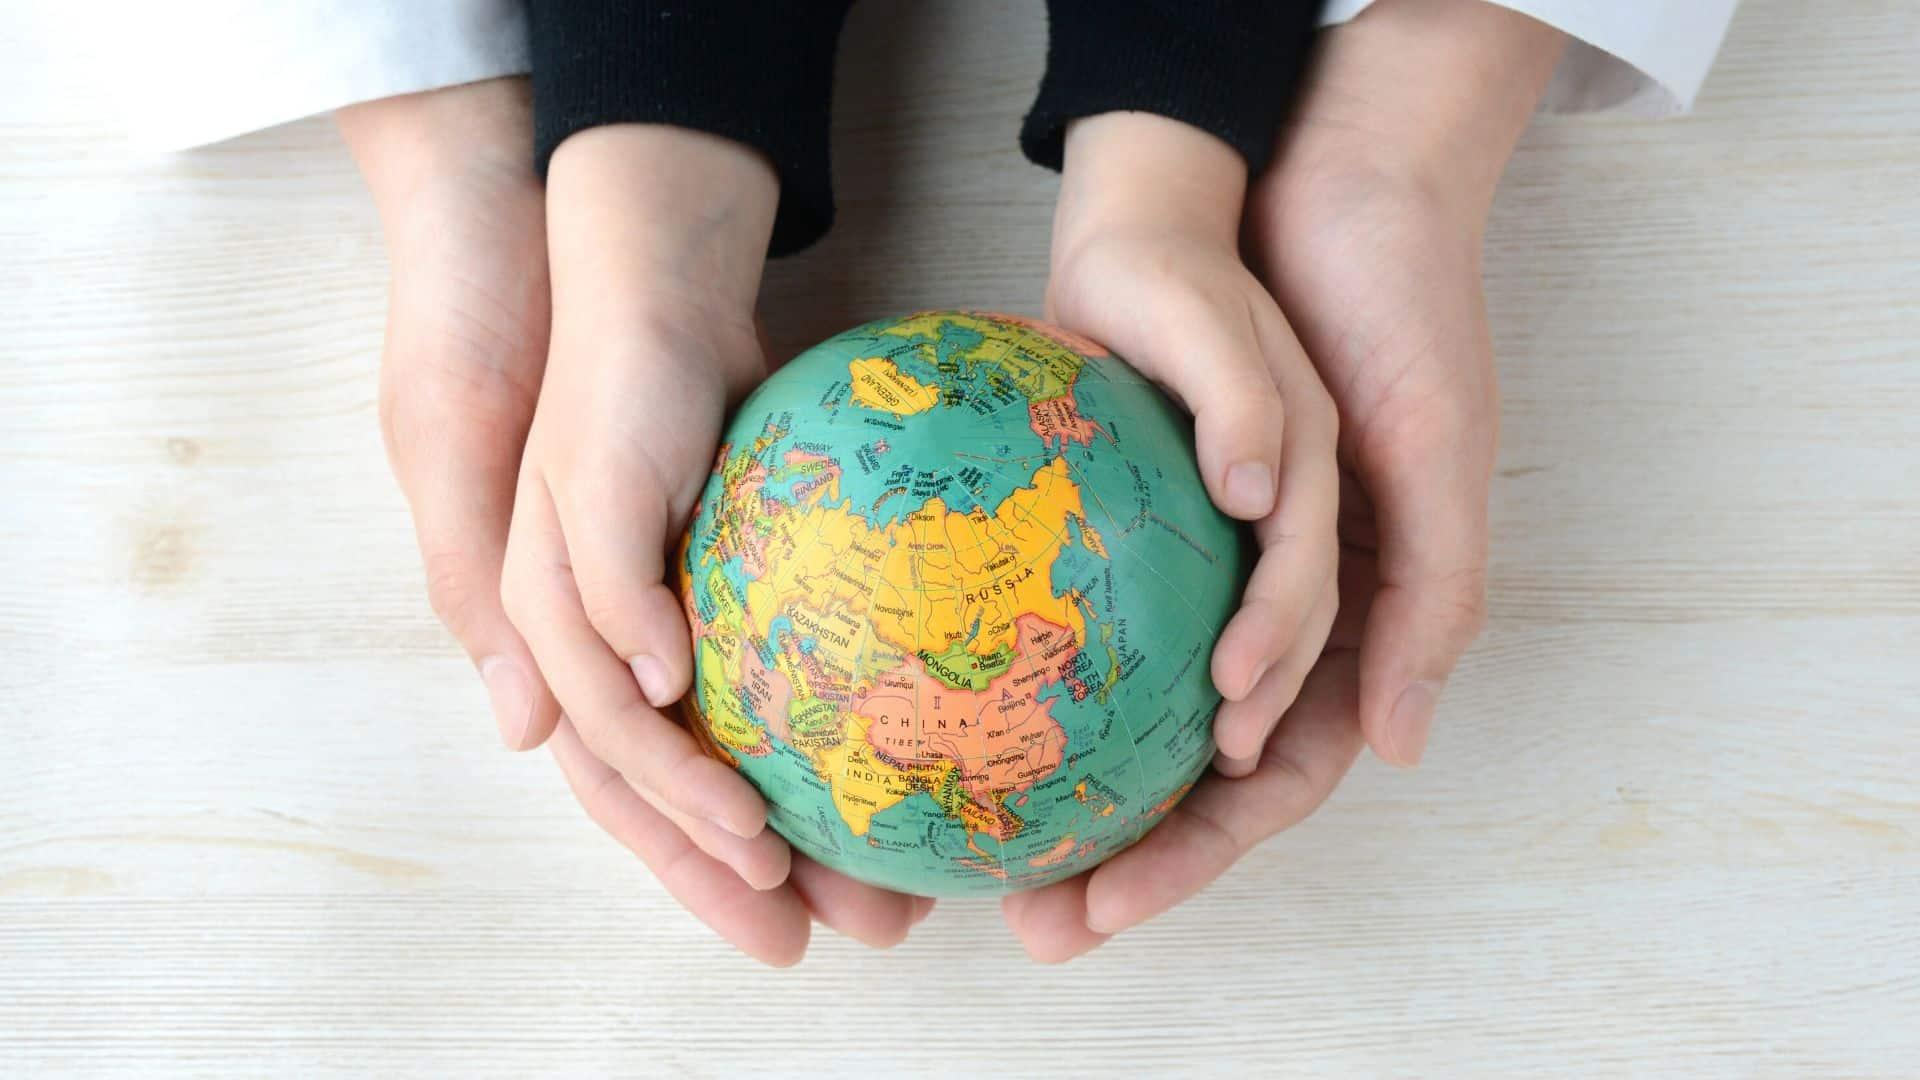 Comment apprendre aux enfants à respecter la Planète ?